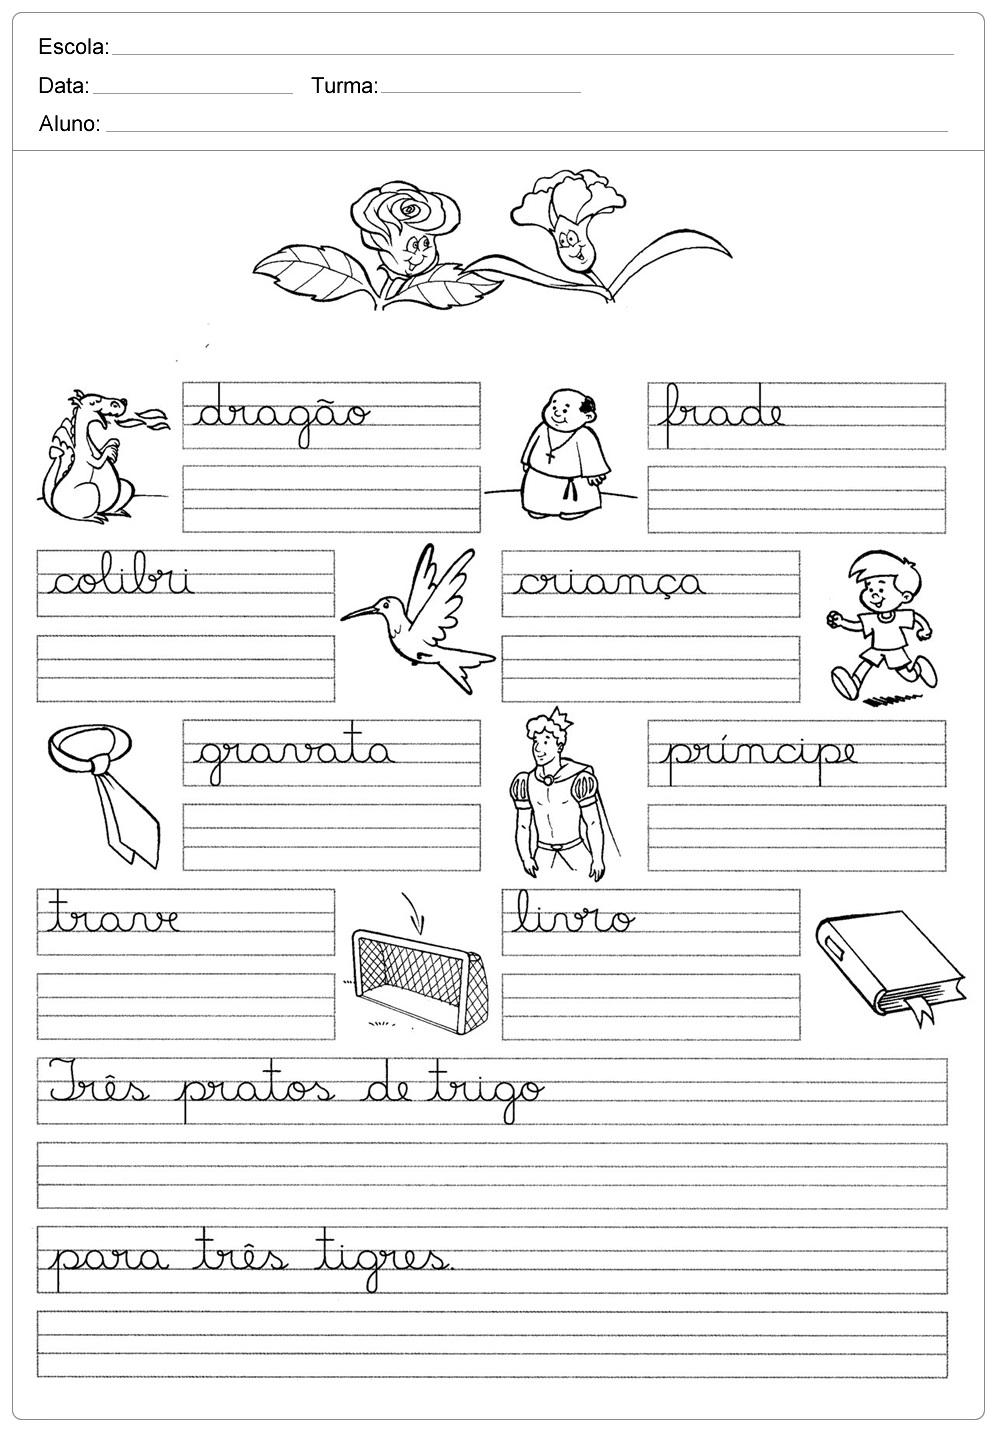 Atividades de caligrafia com frases para imprimir.